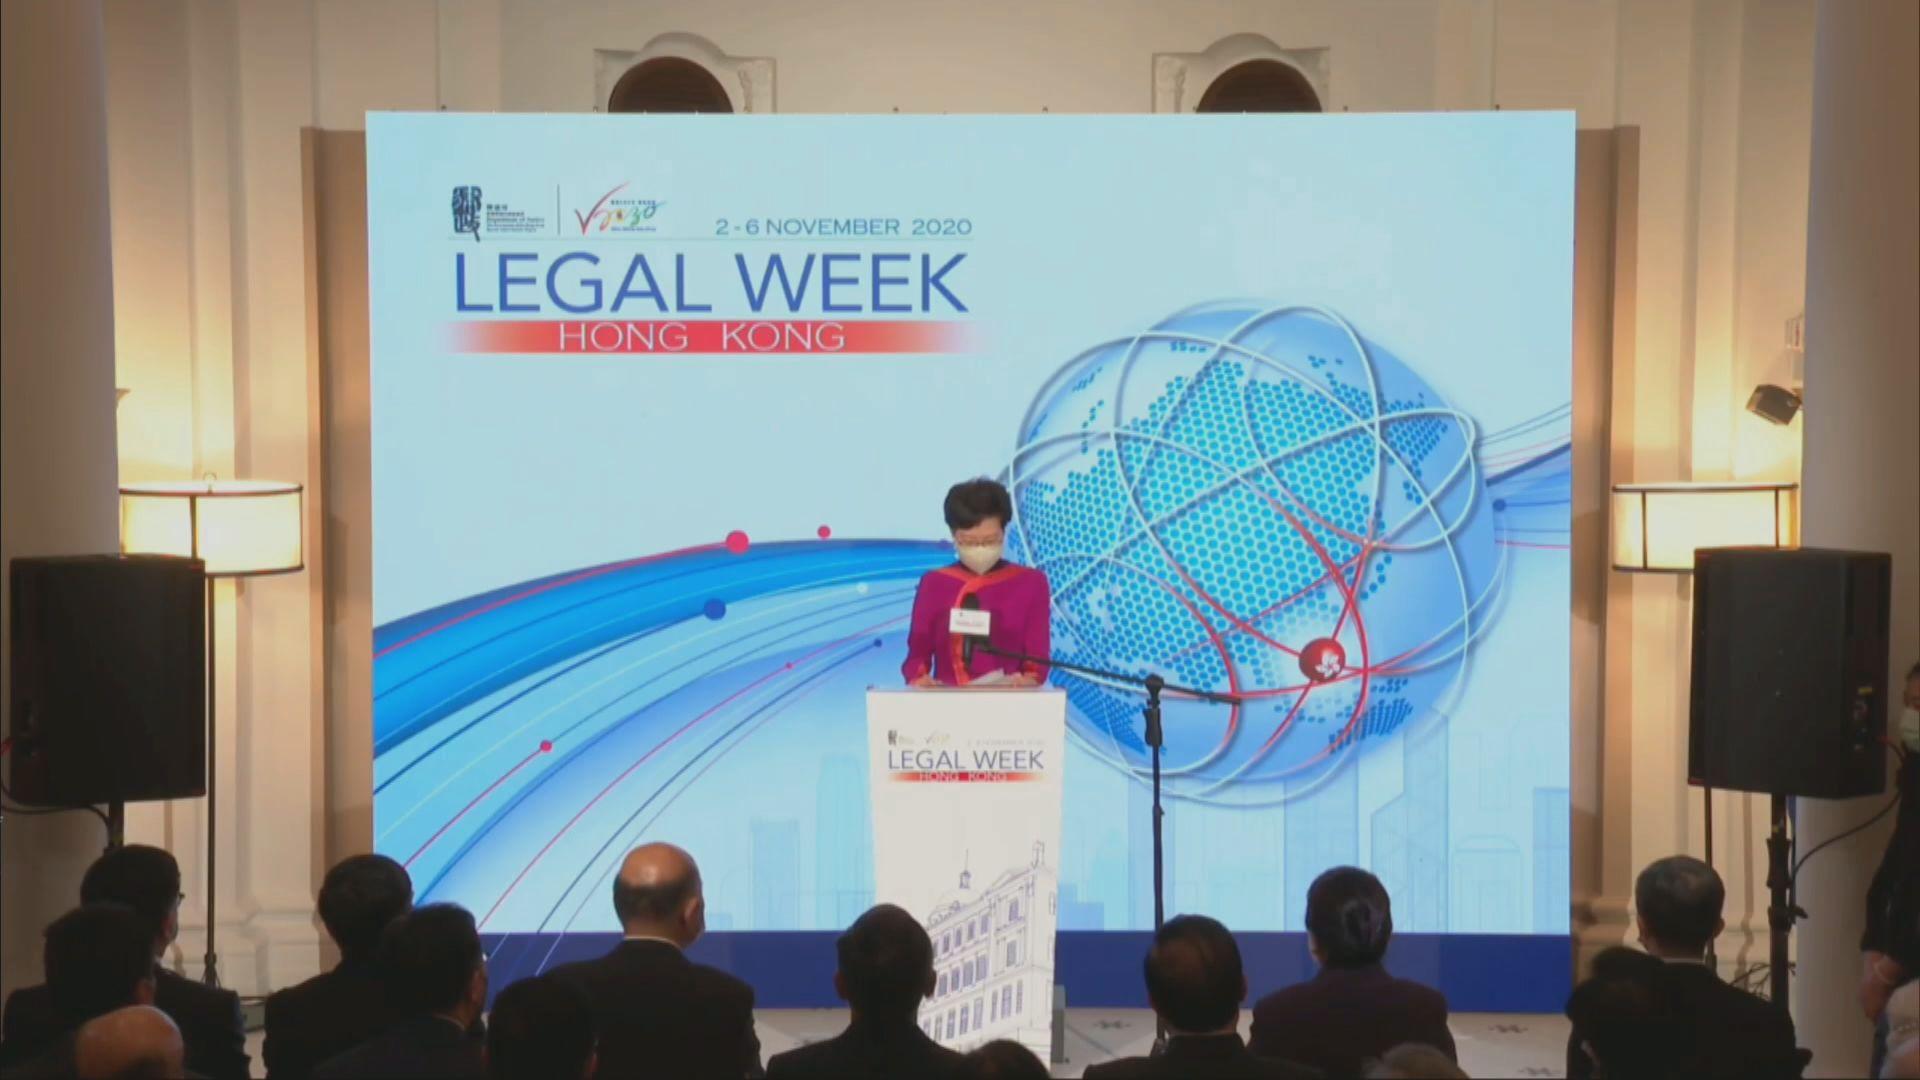 林鄭月娥:會繼續無畏地執行國安法